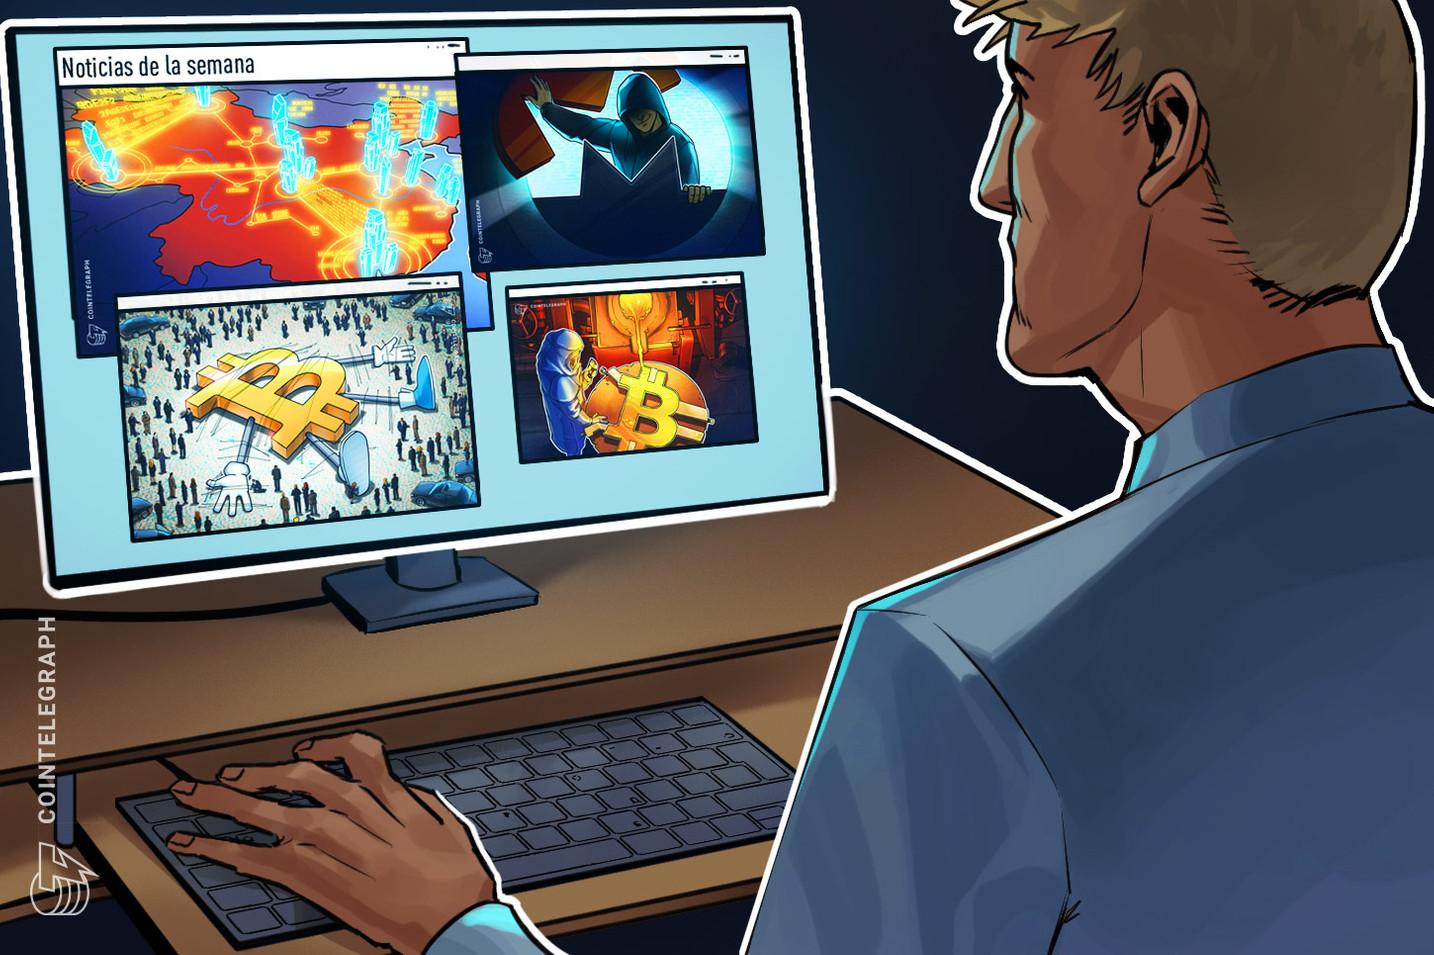 Top criptonoticias de la semana: Mejor momento para invertir en oro y Bitcoin, China se sumerge en la Blockchain, hackers escanean la web para minar criptomonedas y mucho más